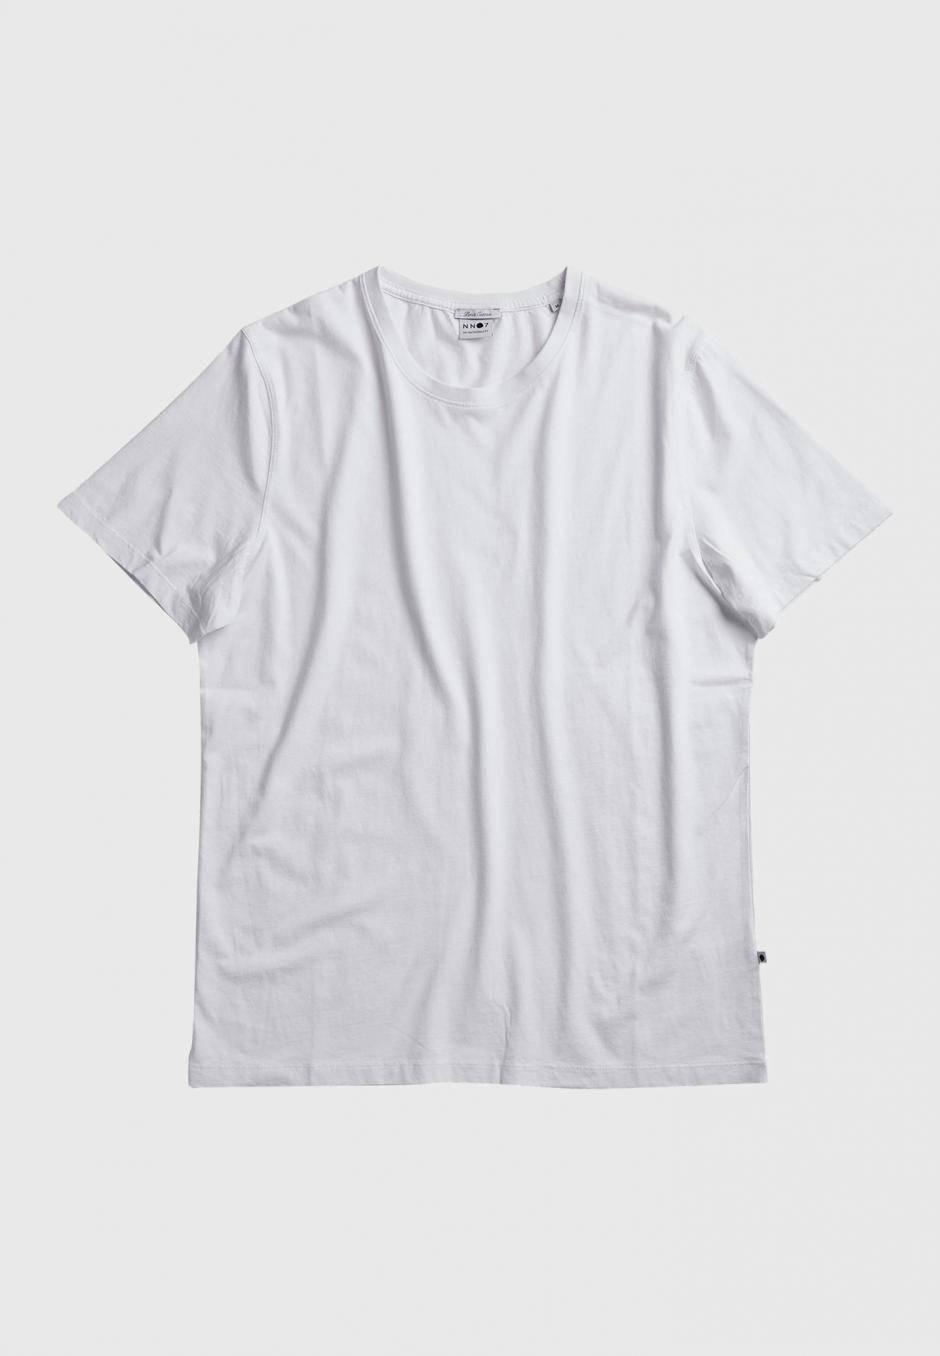 NN 07 Pima Tee 3208 Cotton